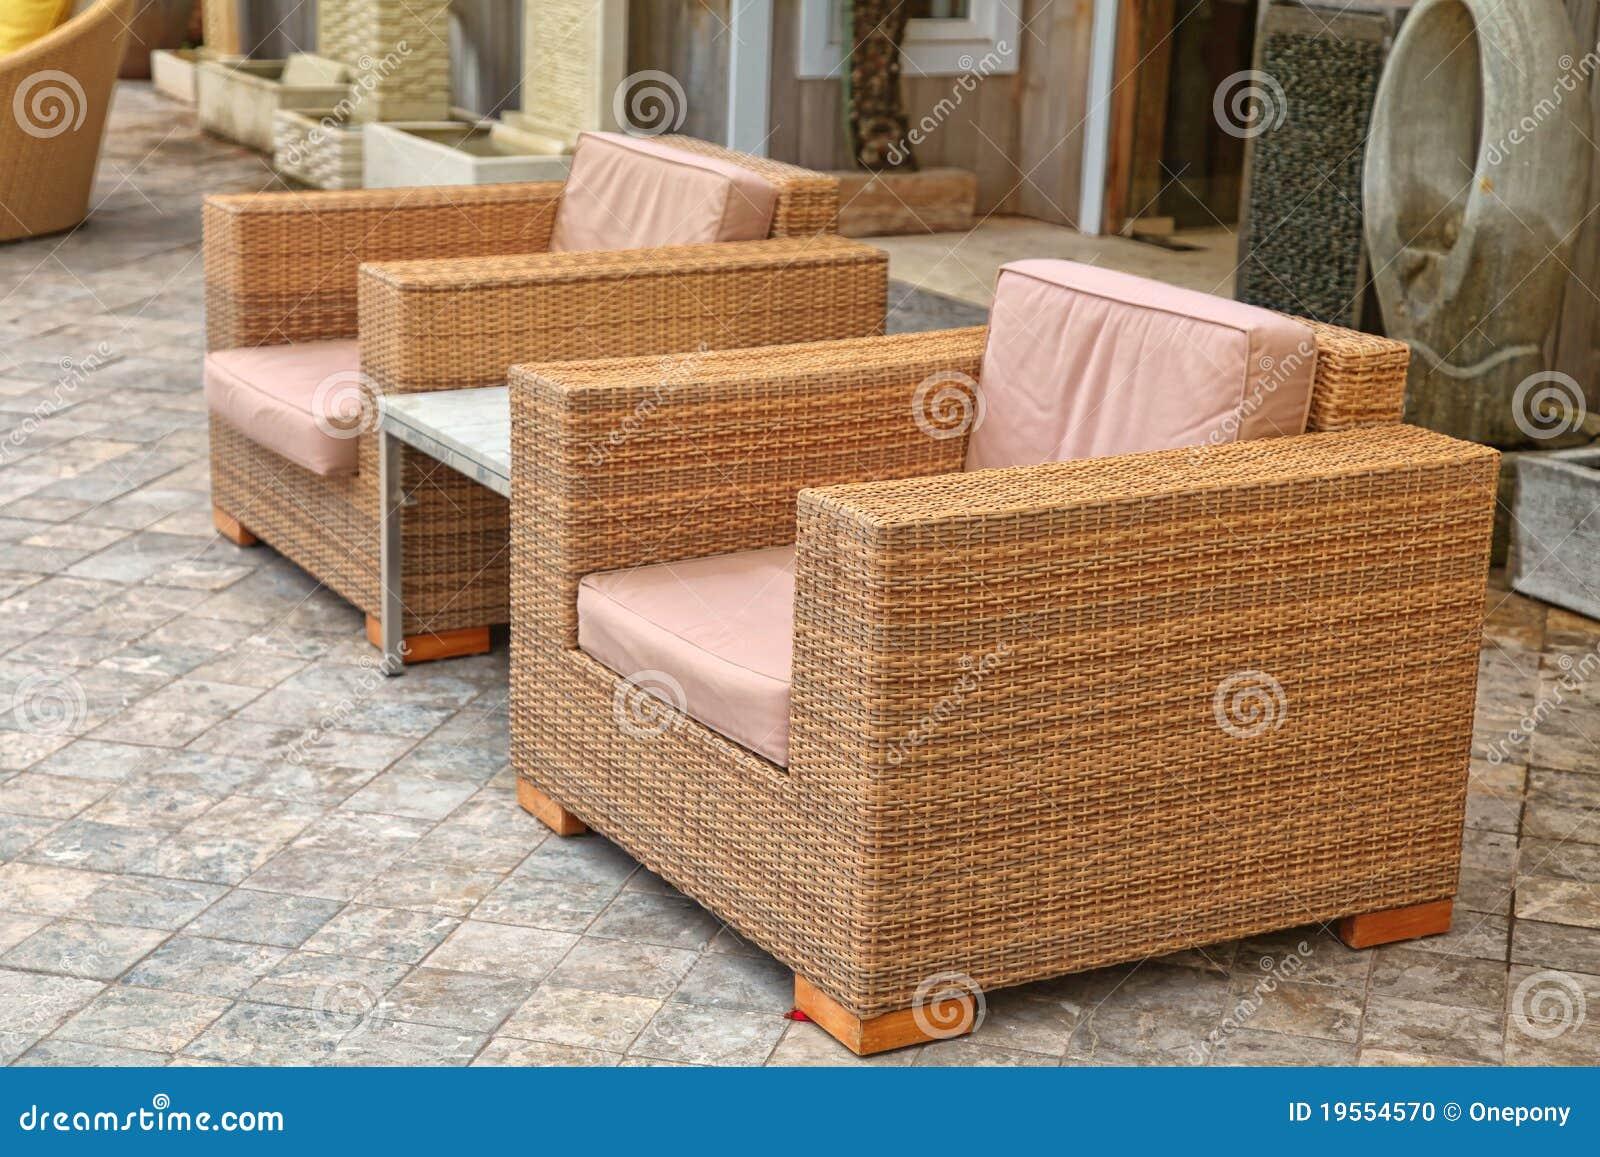 Muebles exteriores modernos del patio foto de archivo for Muebles para patios exteriores